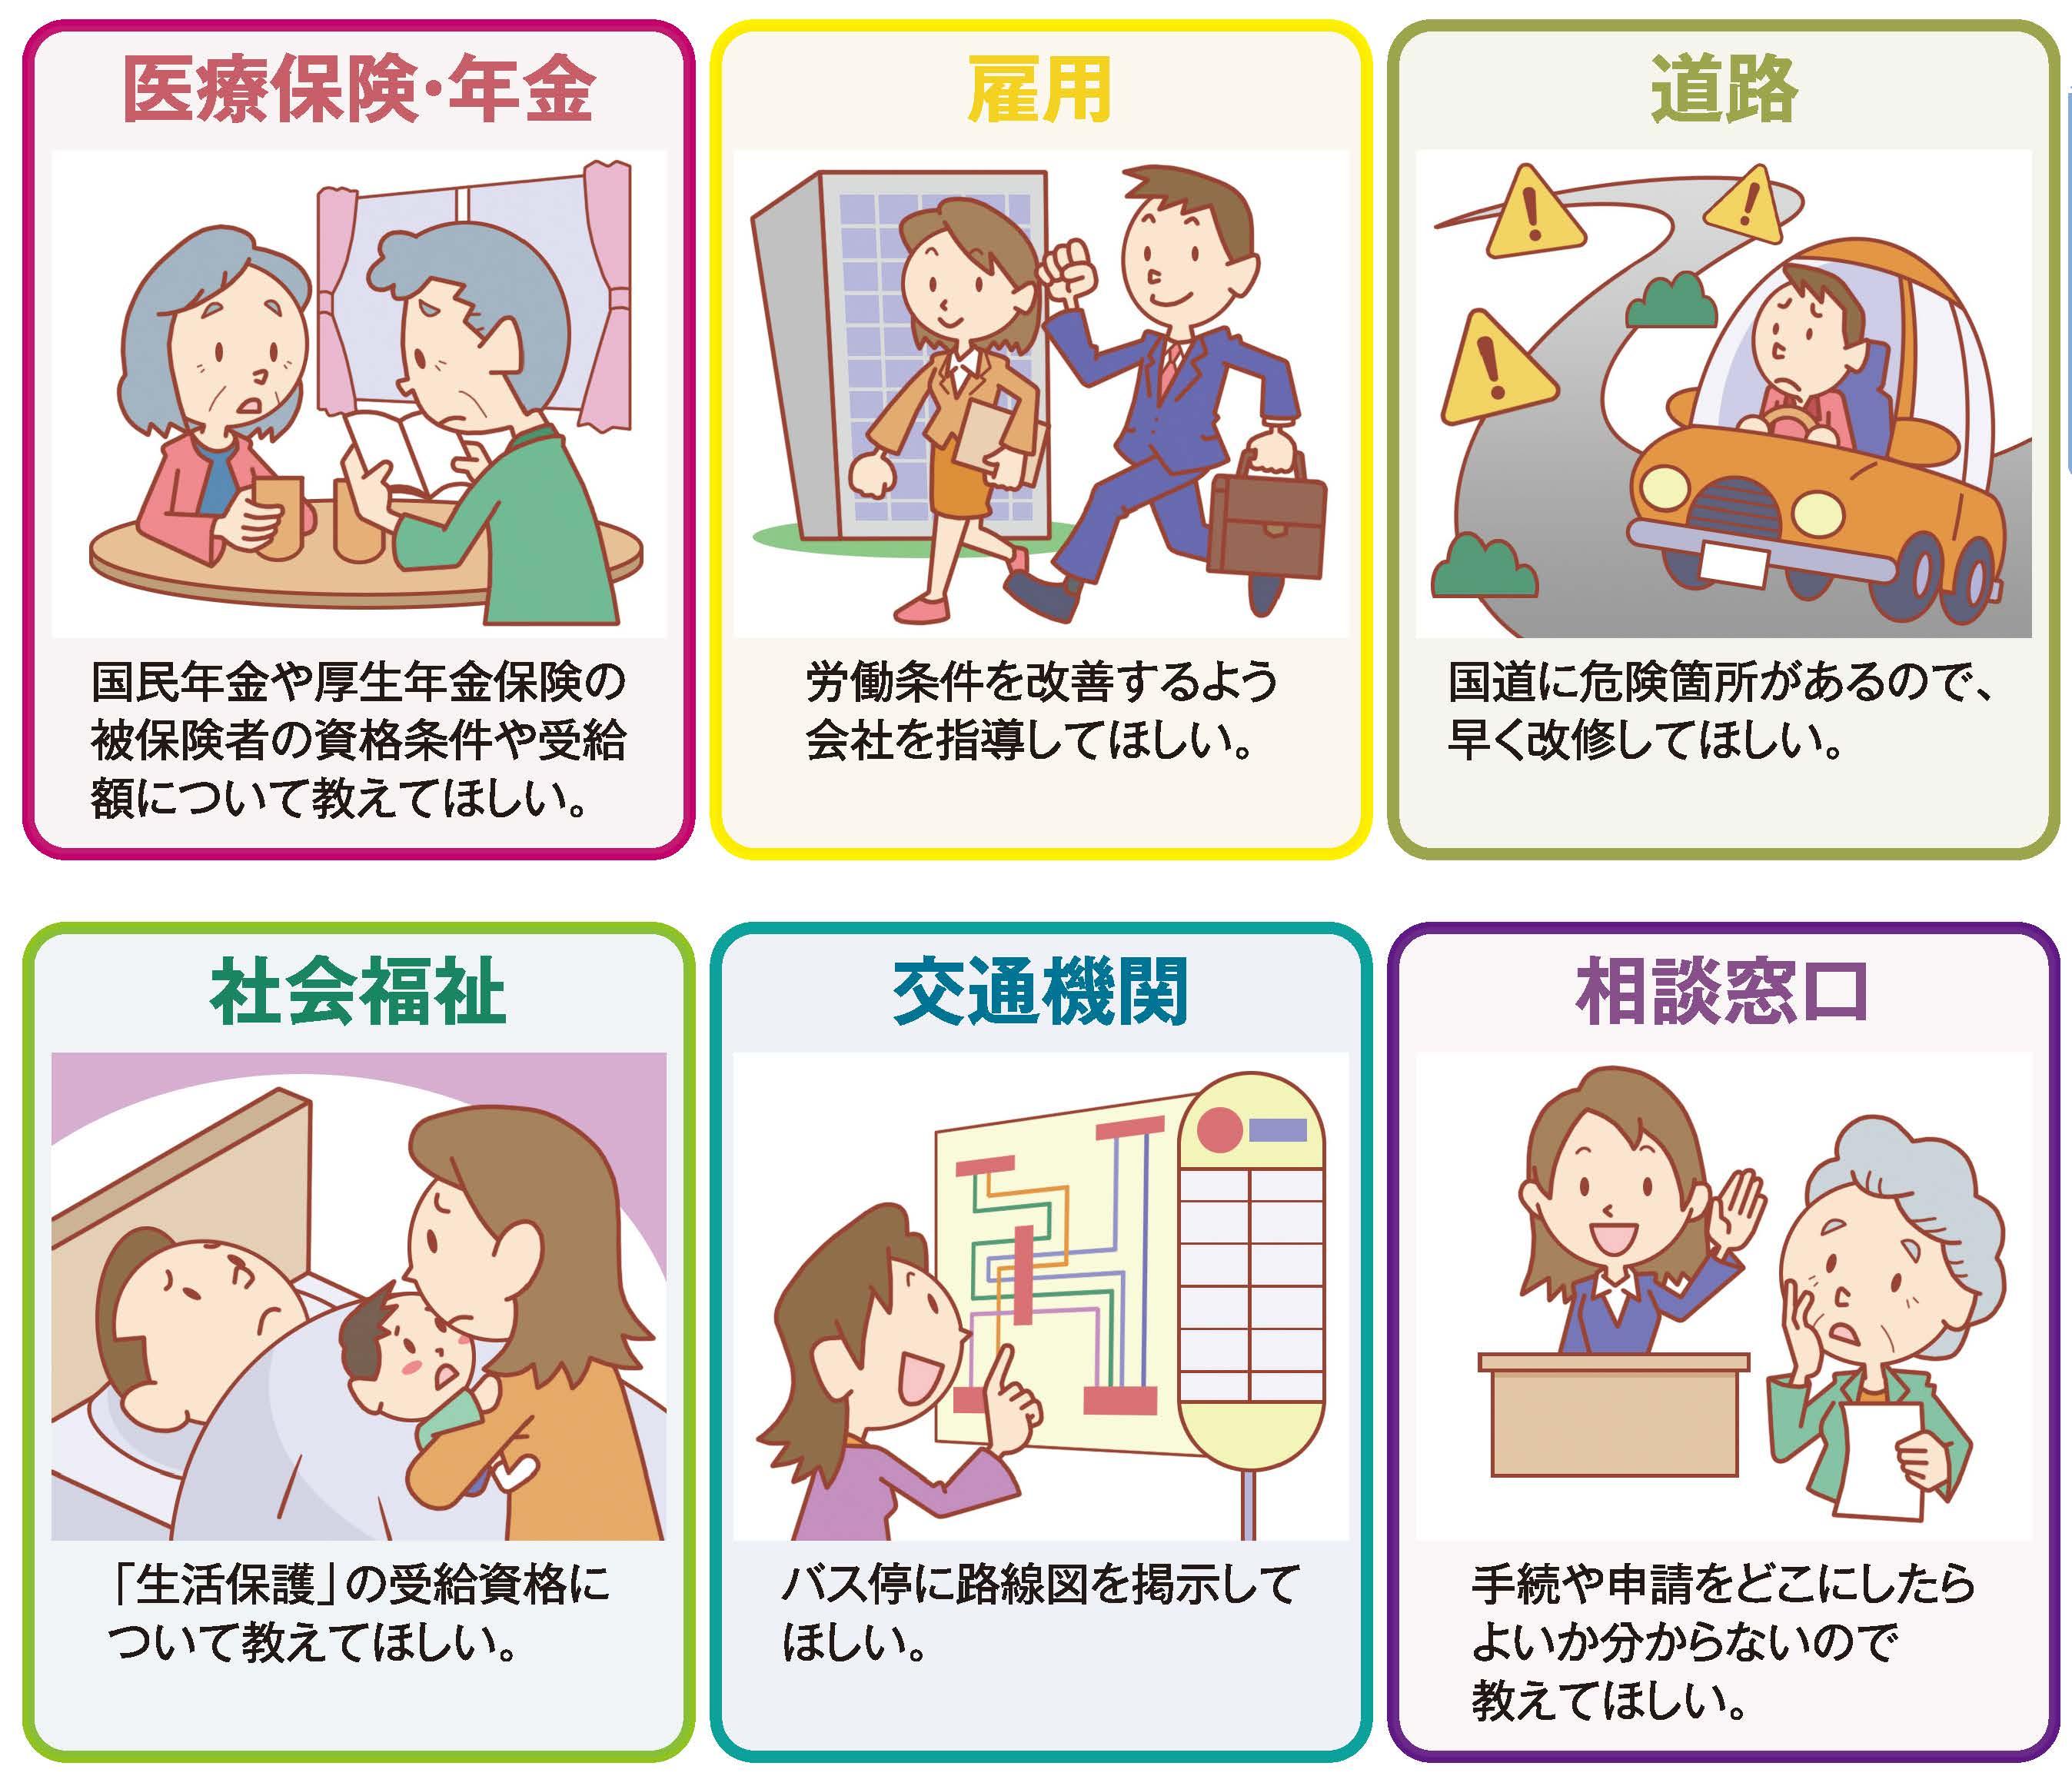 総務省|石川行政評価事務所|行政相談